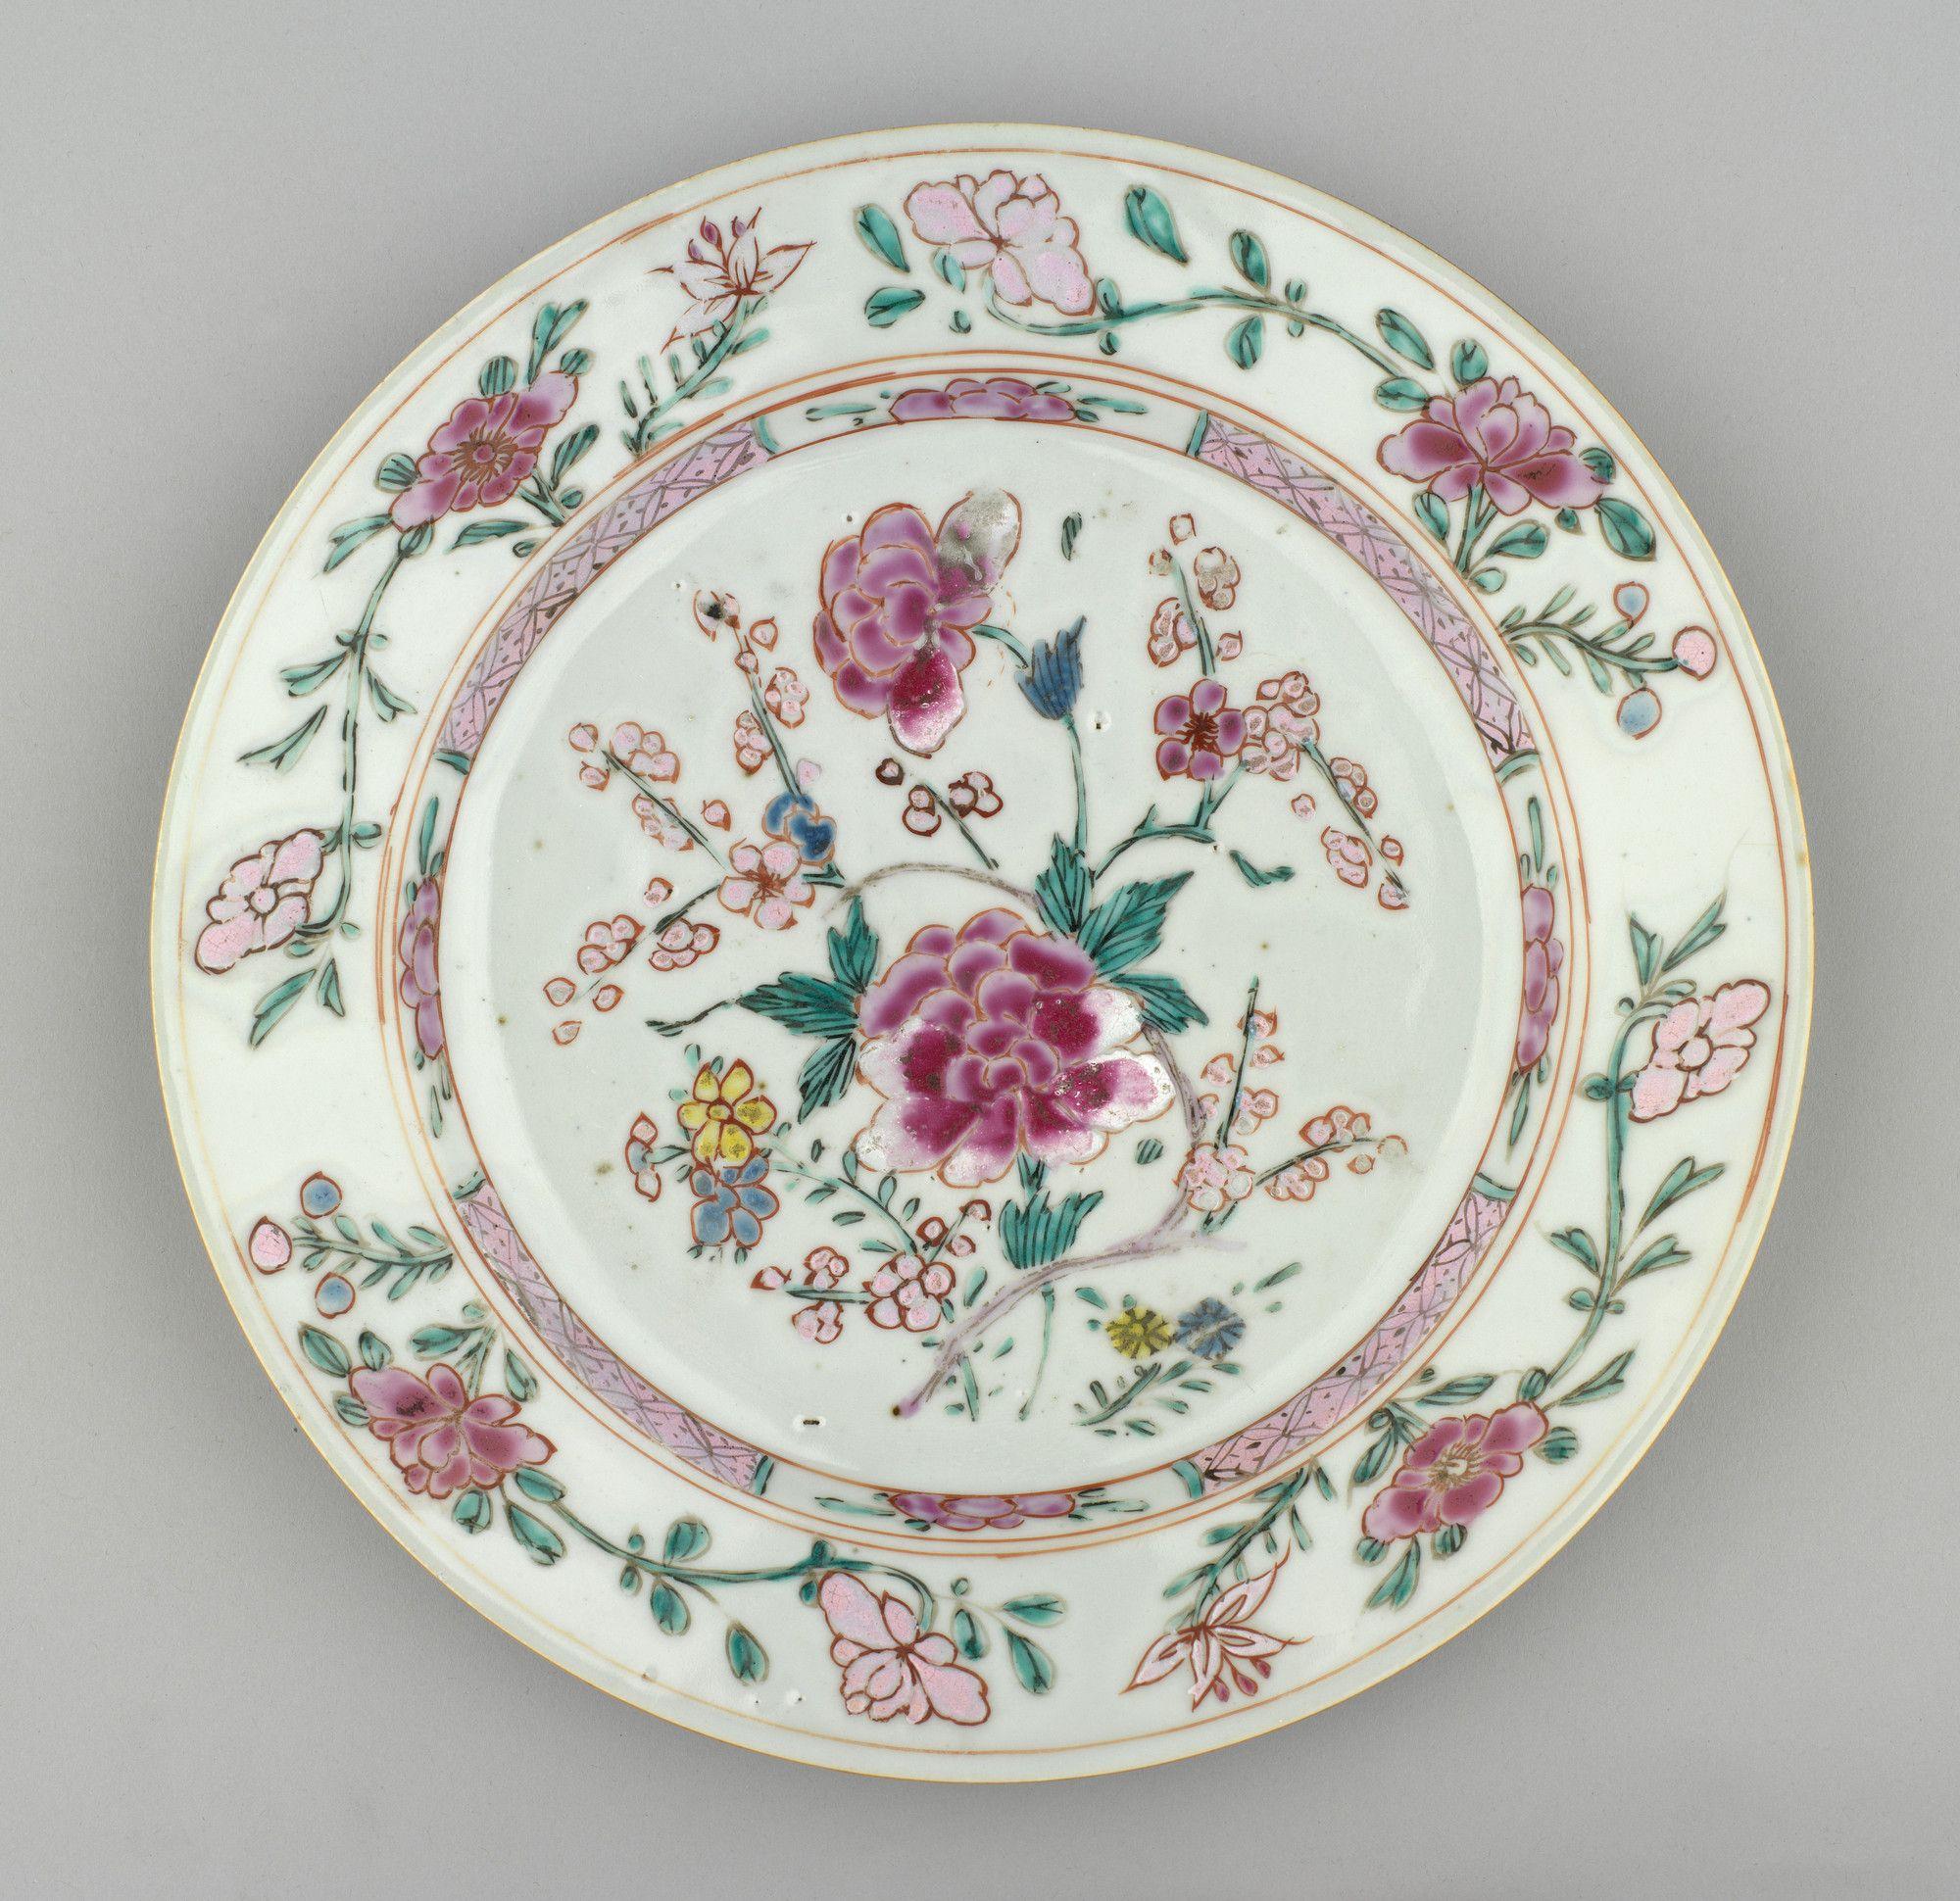 Jingdezhen Jiangxi Province China Pair Of Plates Porcelaine De Chine Famille Rose Ceramique